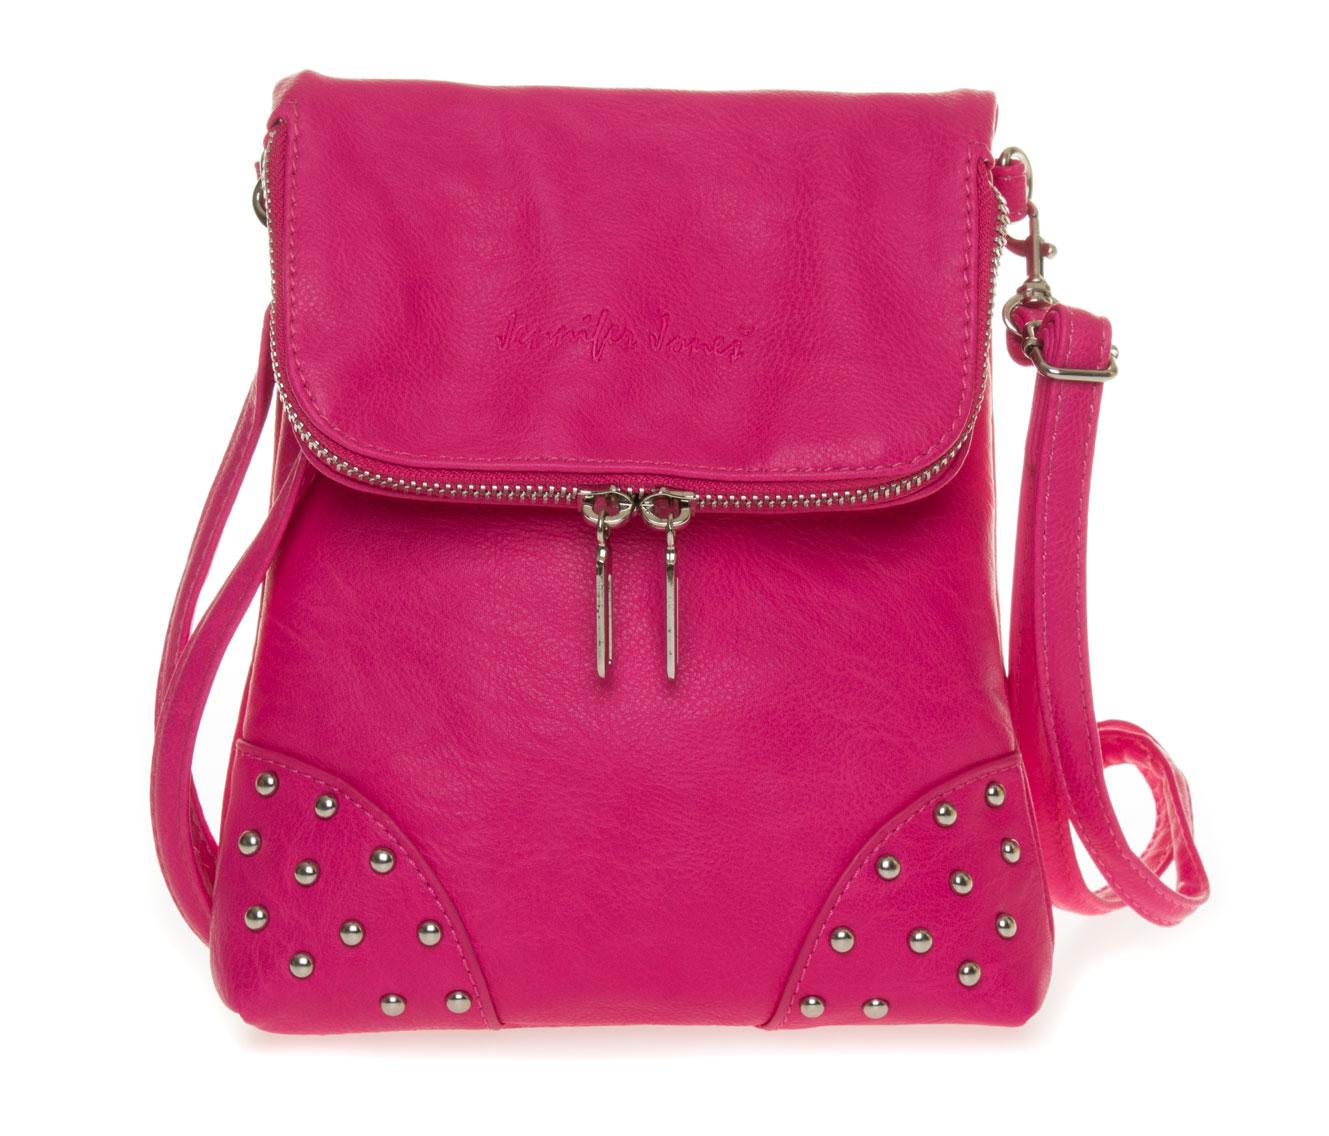 Malá crossbody kabelka přes rameno 3992 Barva: růžová